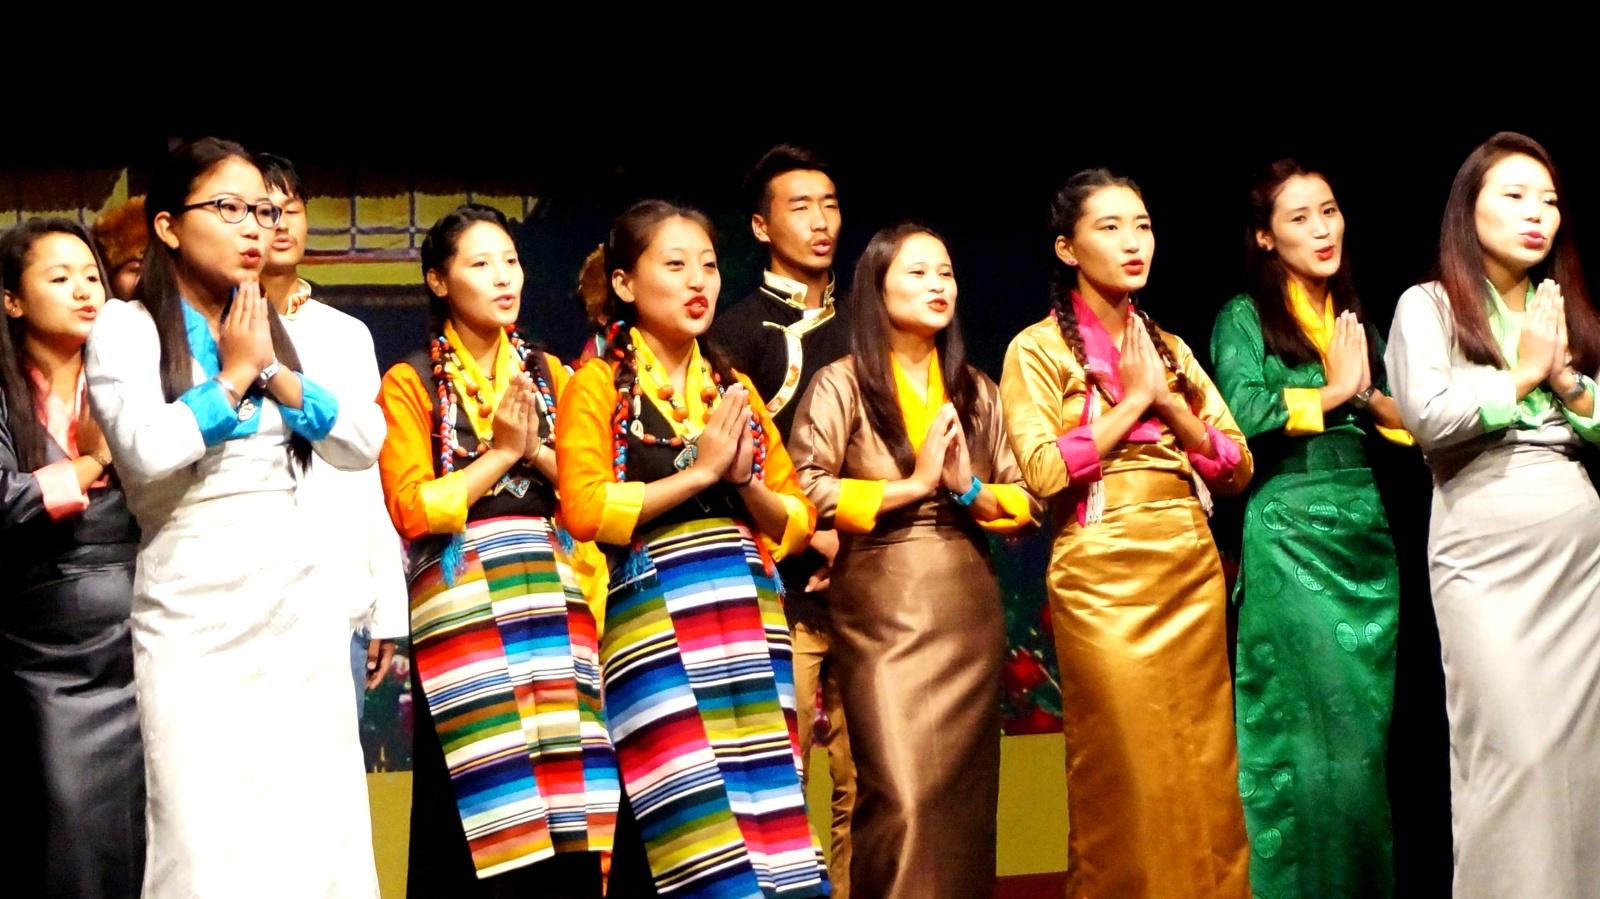 Tybetański pokaz kulturowy